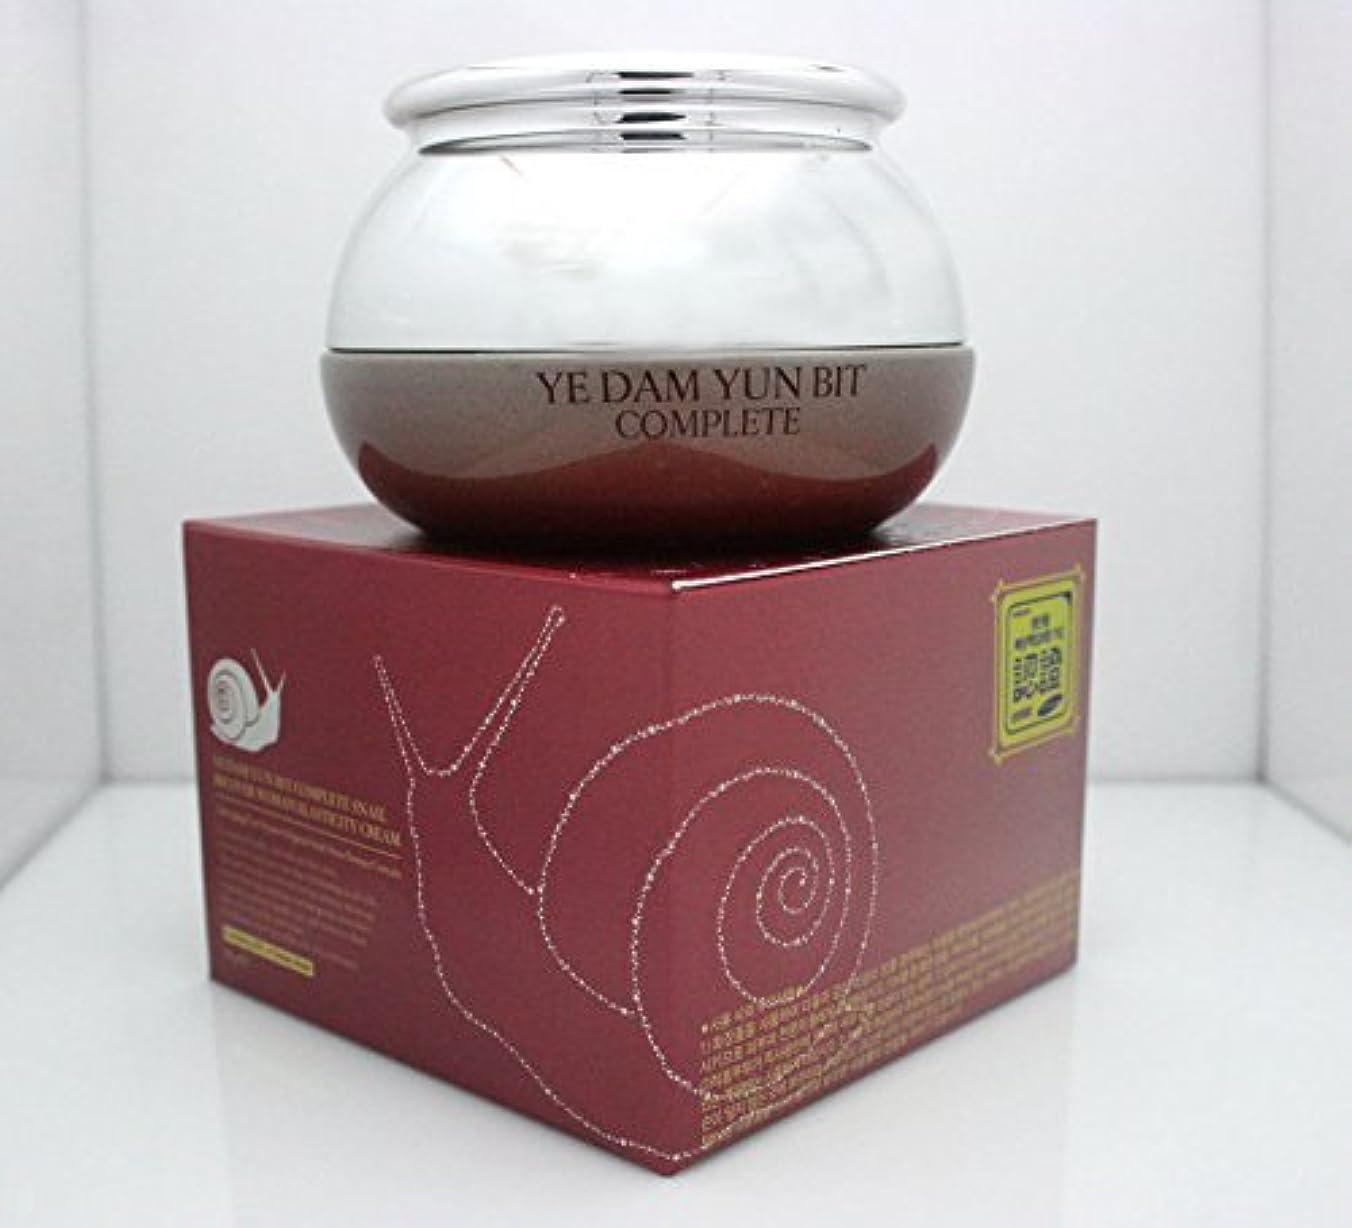 論理的に腐敗した収束[YEDAM YUNBIT] 完全なカタツムリ?リフト?リフティング?クリーム50g/韓国化粧品/Complete Snail Recover Lifting Cream 50g/Korean cosmetics [並行輸入品]